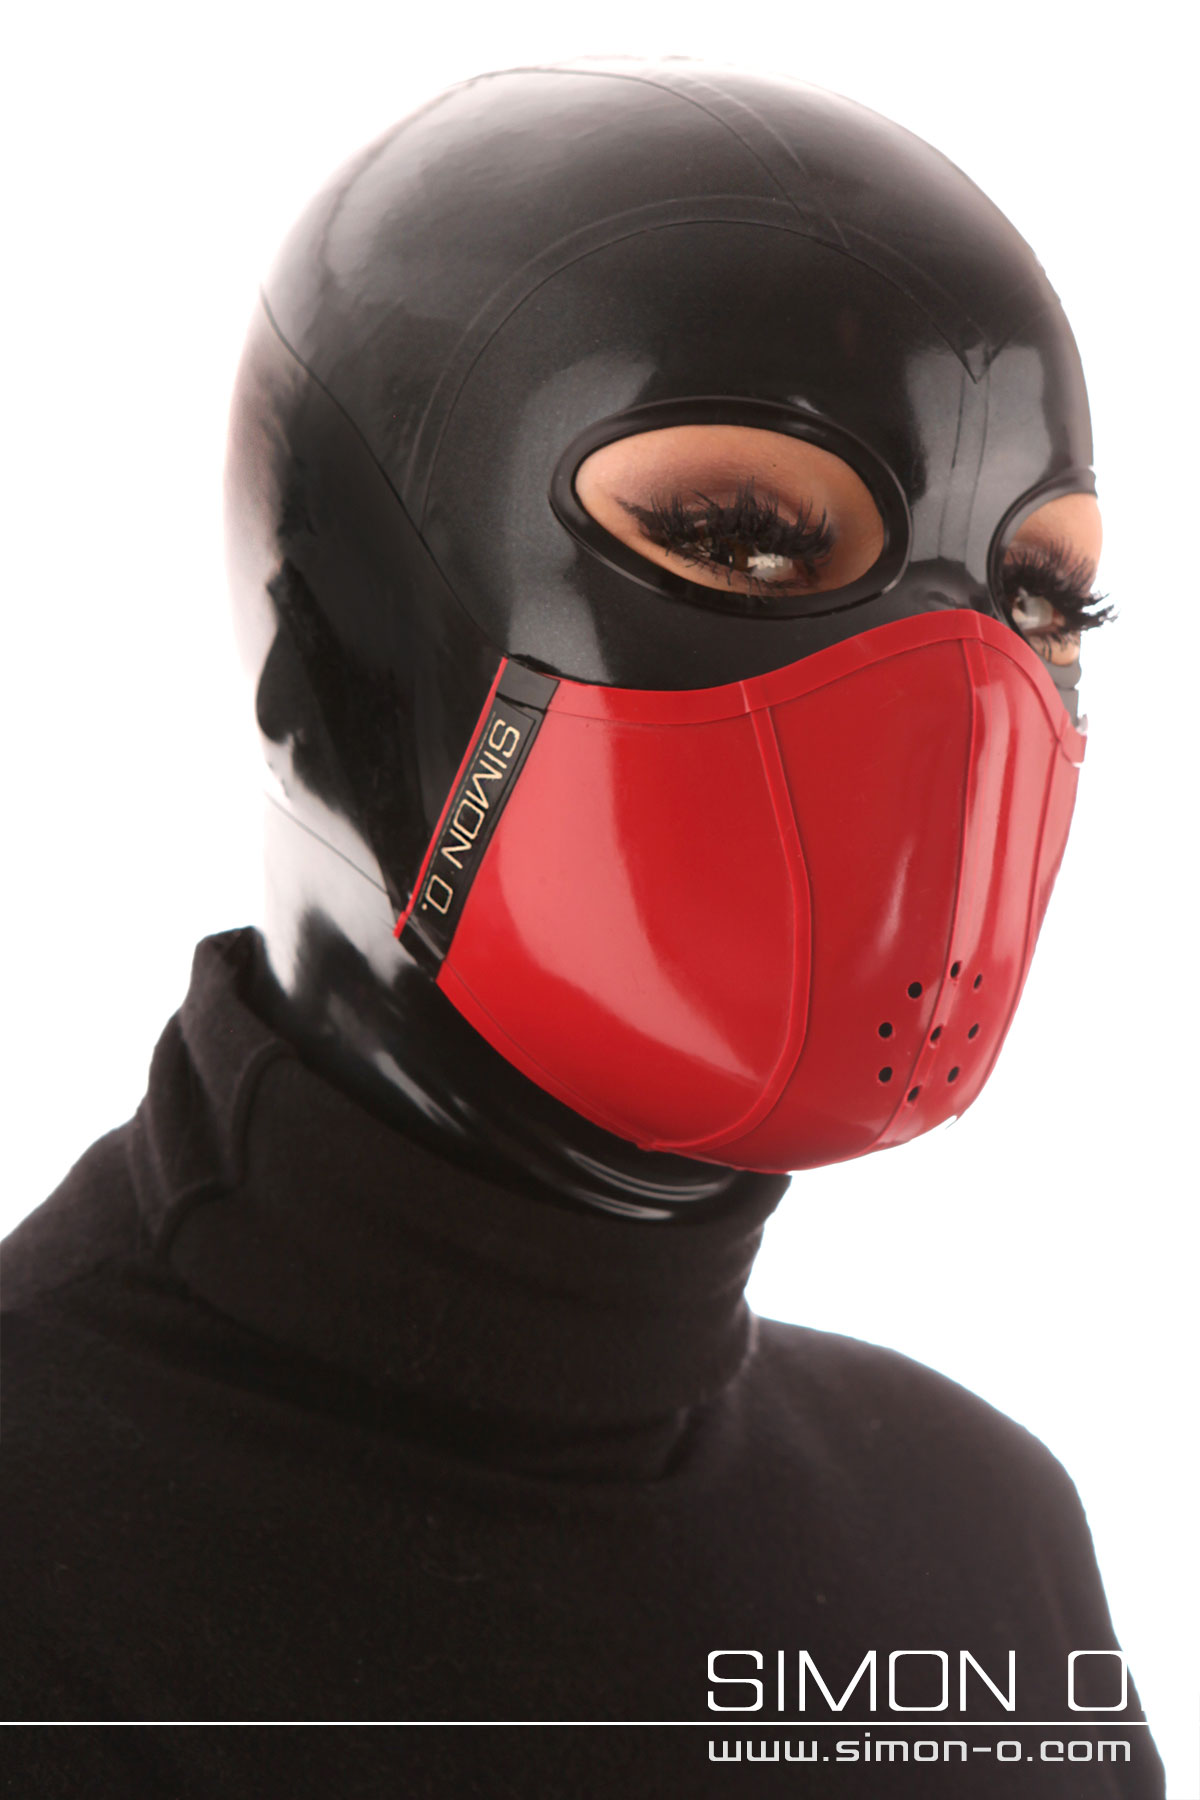 Mund und Nasenschutz aus dicken Latex - beidseitig tragbar Dieser Mundschutz ist durch das dicke Latex extrem Formstabil. Durch das eigens entwickelte …